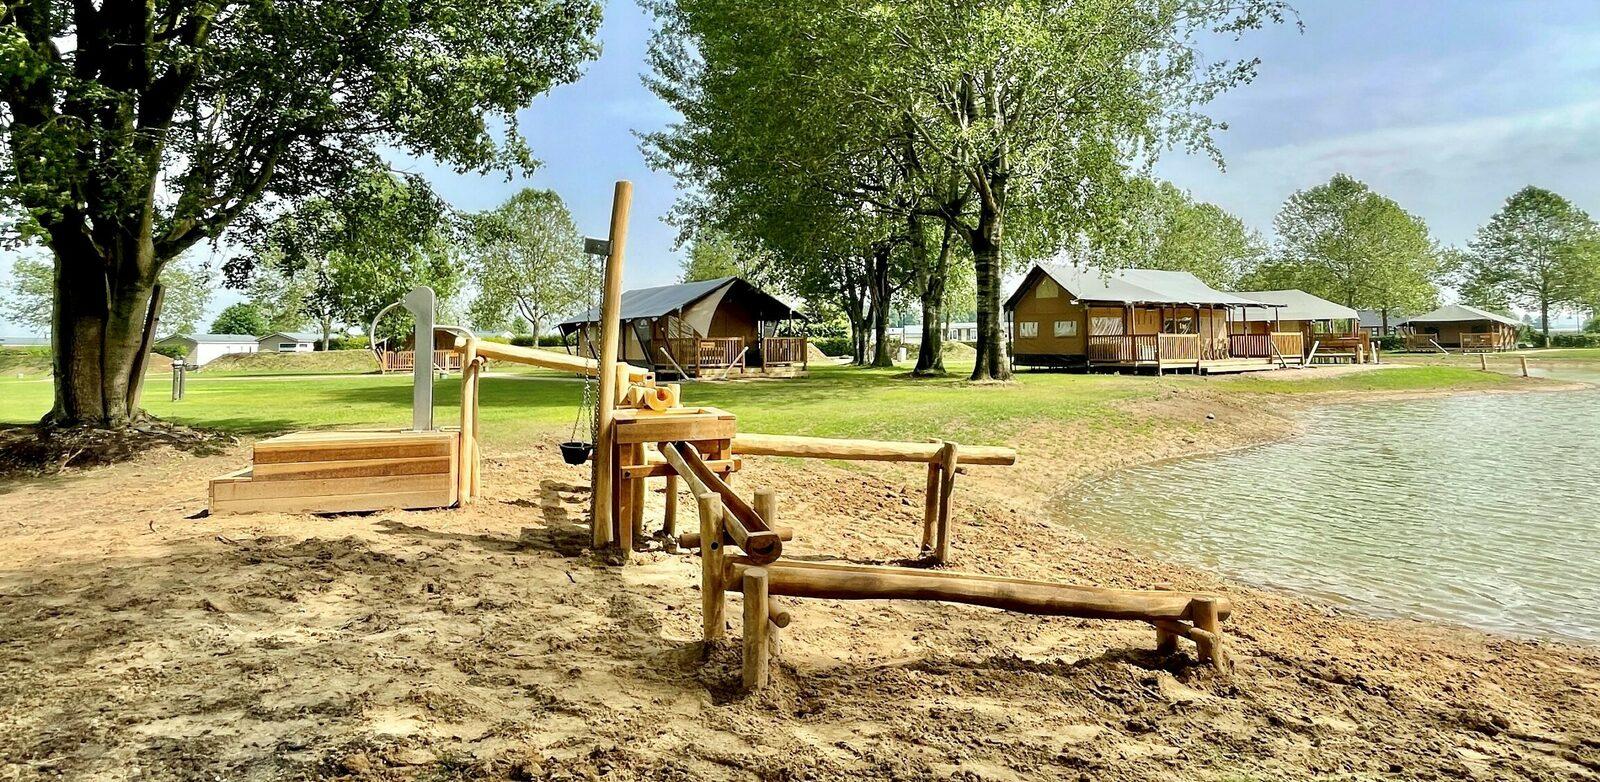 Camping Betuwe